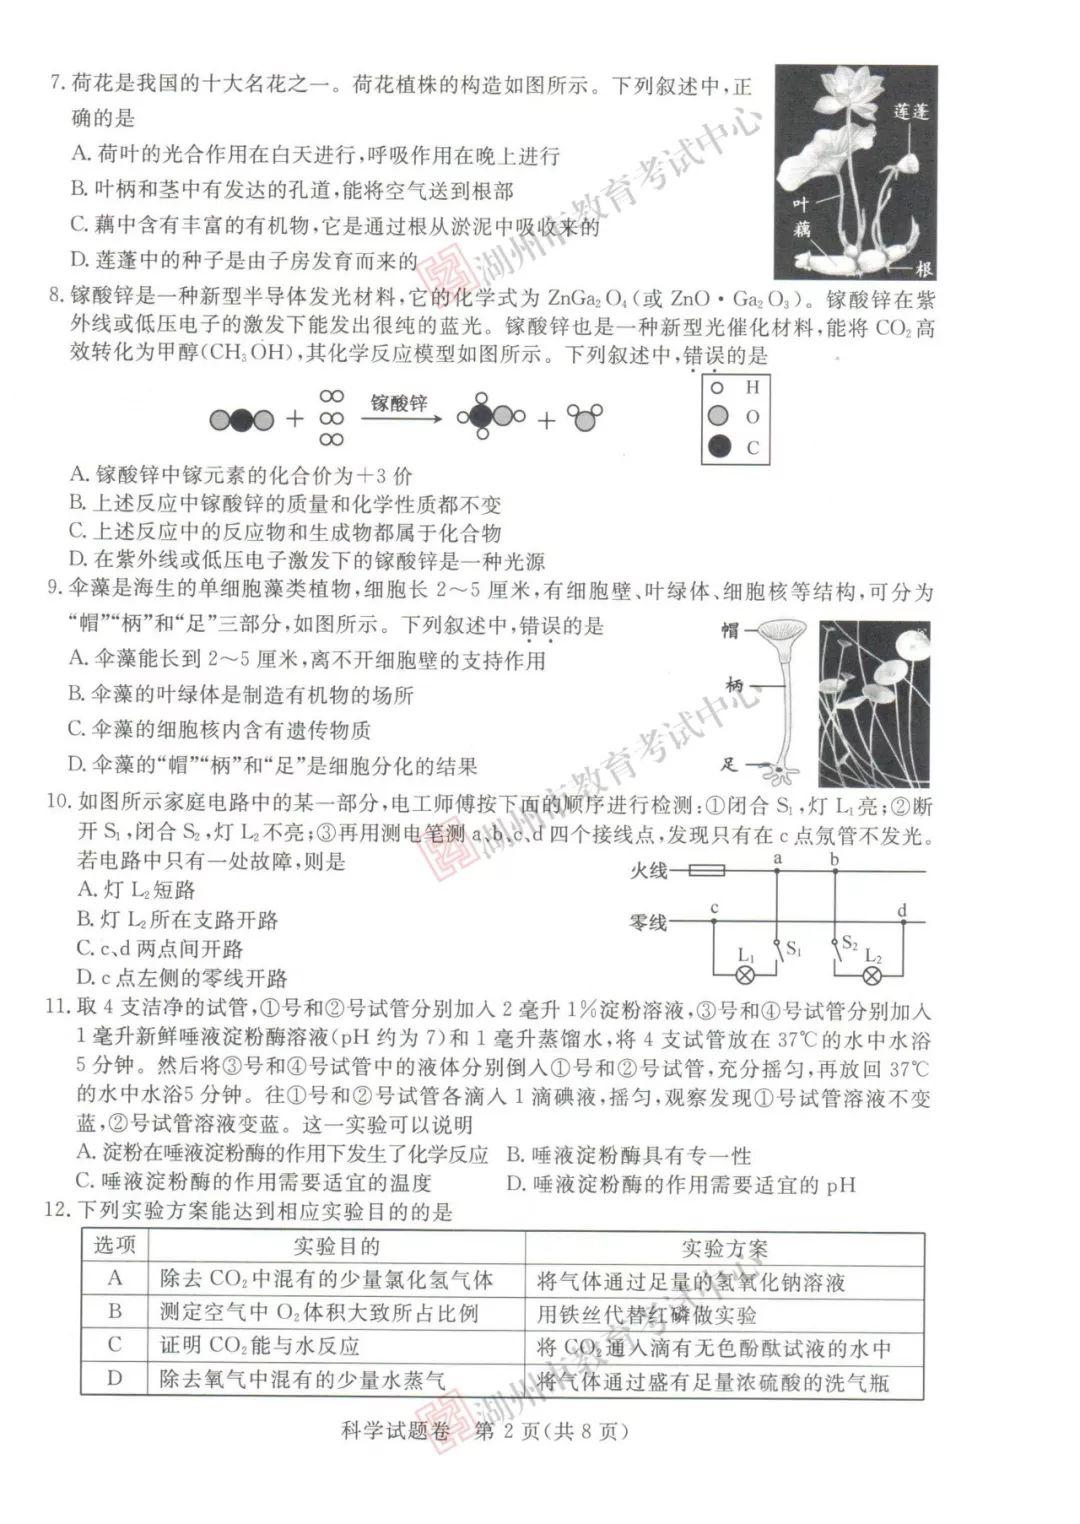 2019年浙江湖州中考《物理》真题及答案已公布